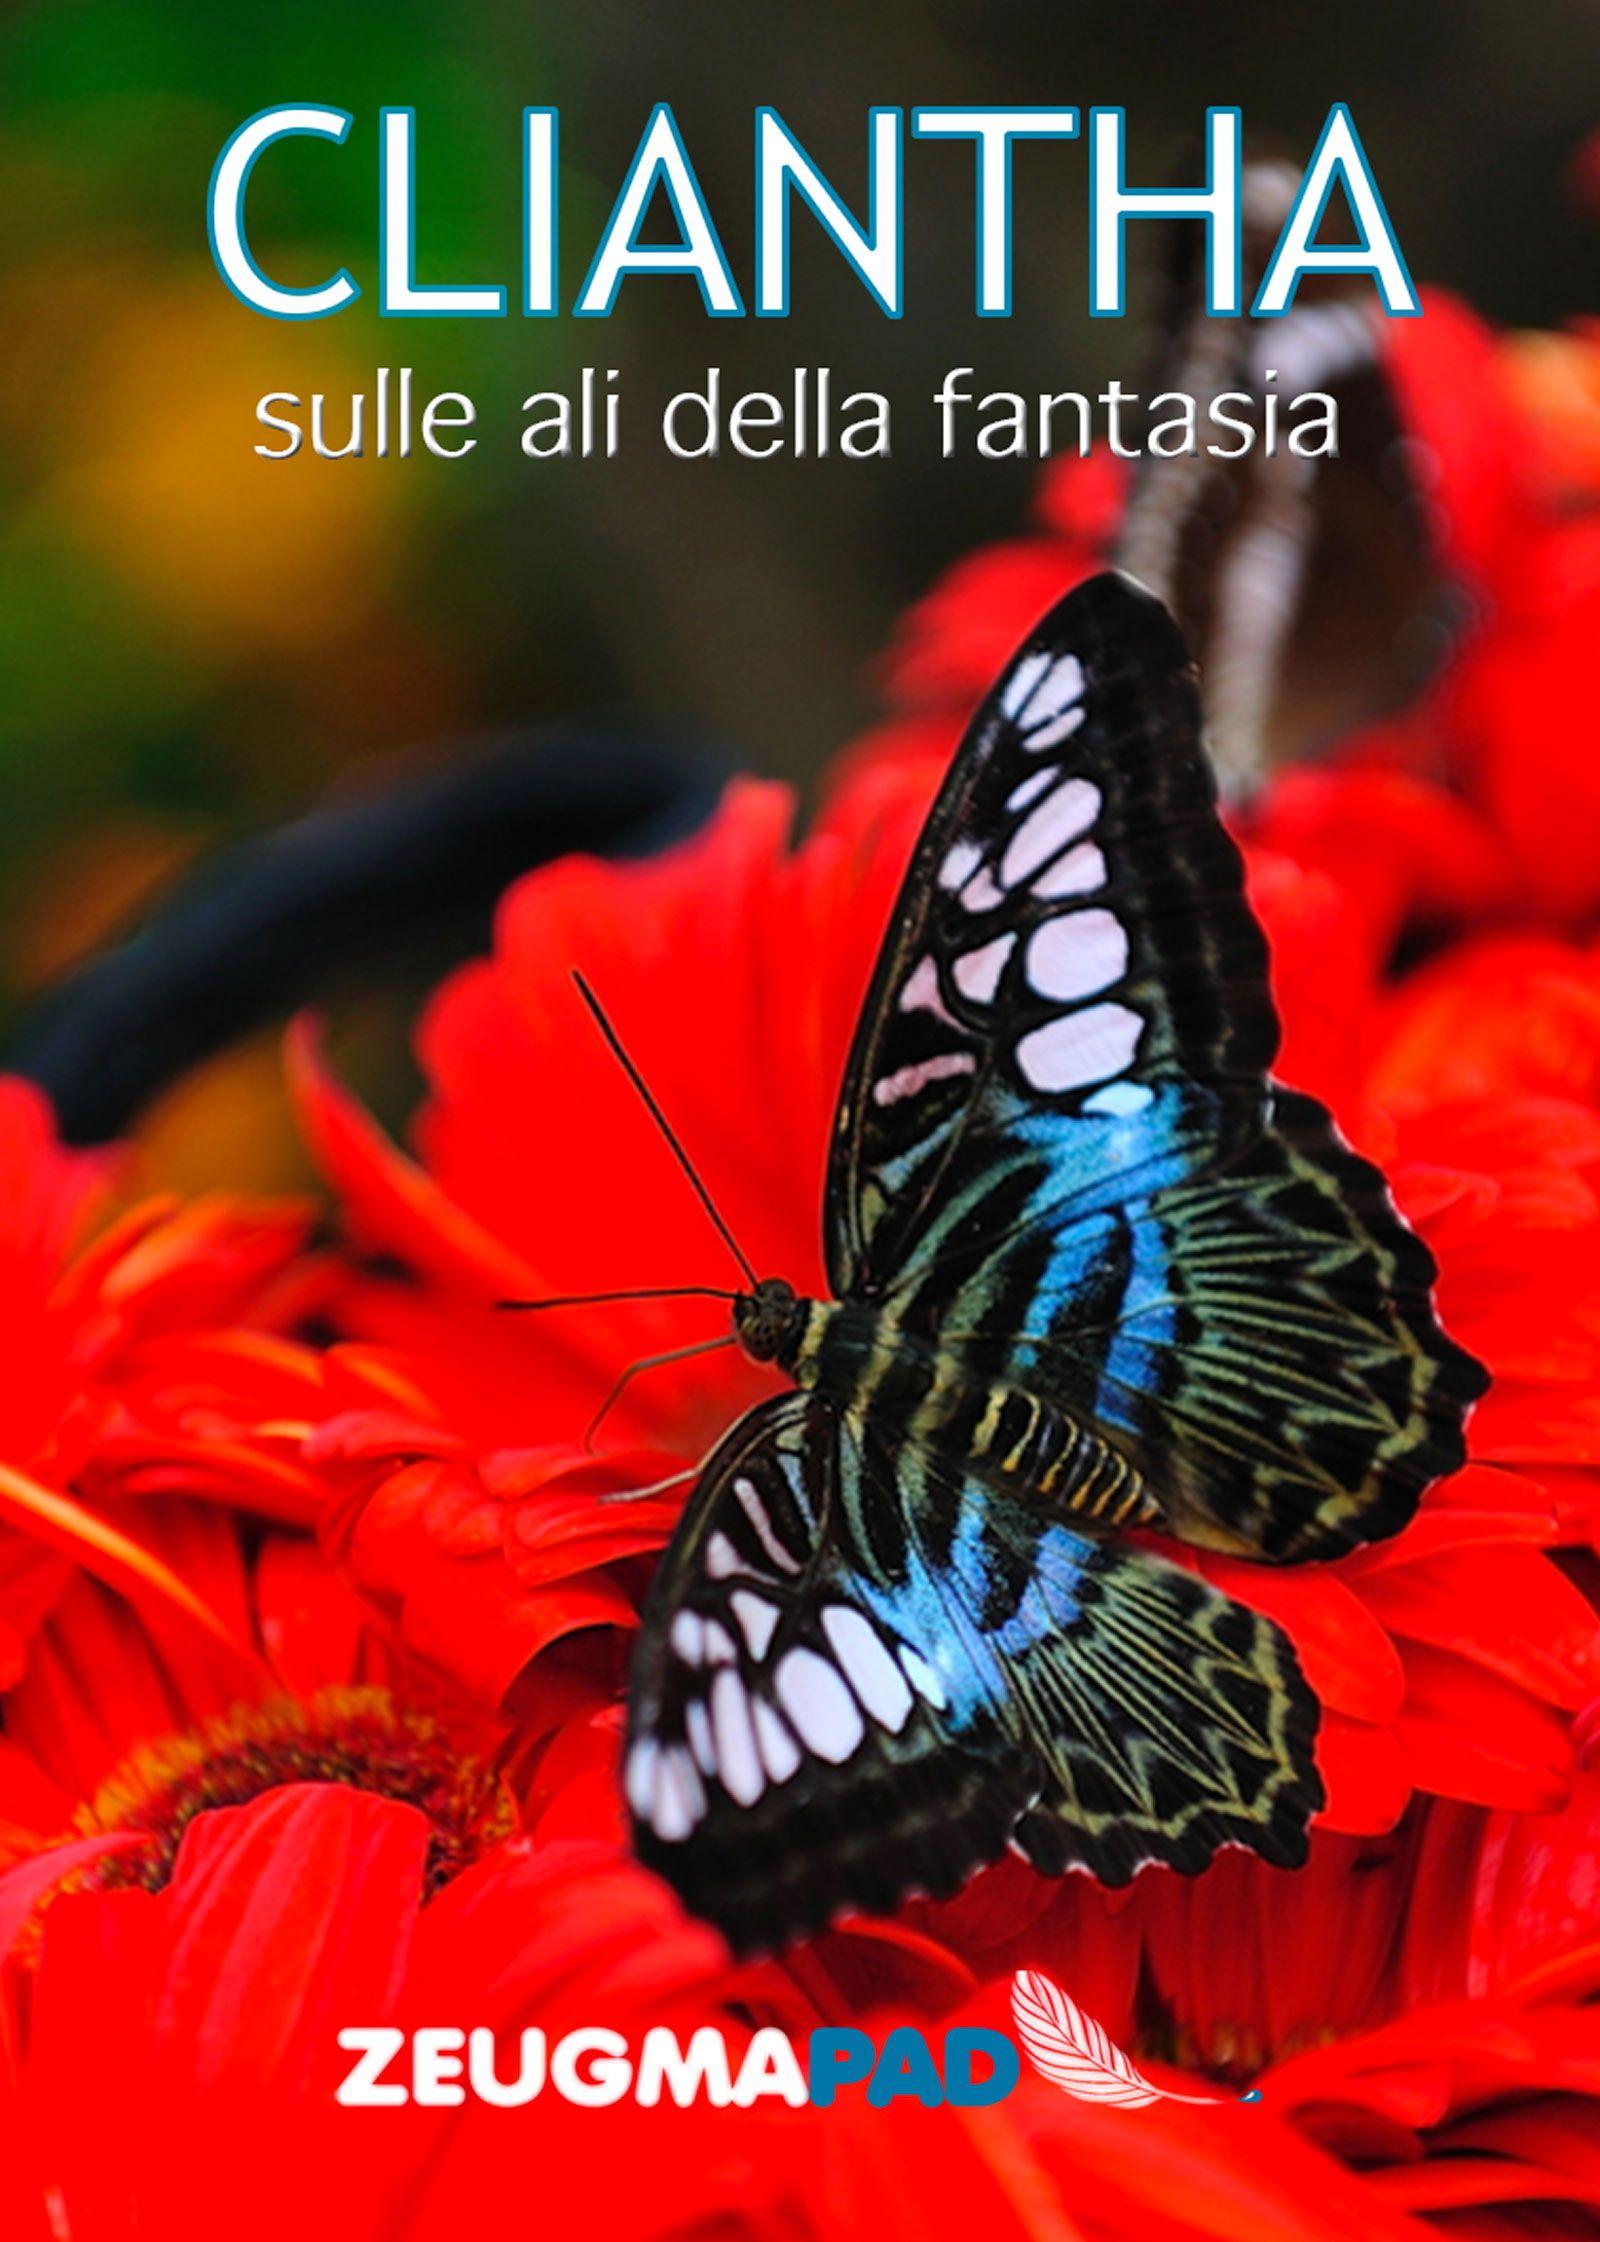 Un Fiore I Colori E Le Ali Per Volare Con La Fantasia Questi I Temi Di Euthalia La Nostra Prima Antologia Che Ritornano In Cliantha Cliantha In G Scrittori